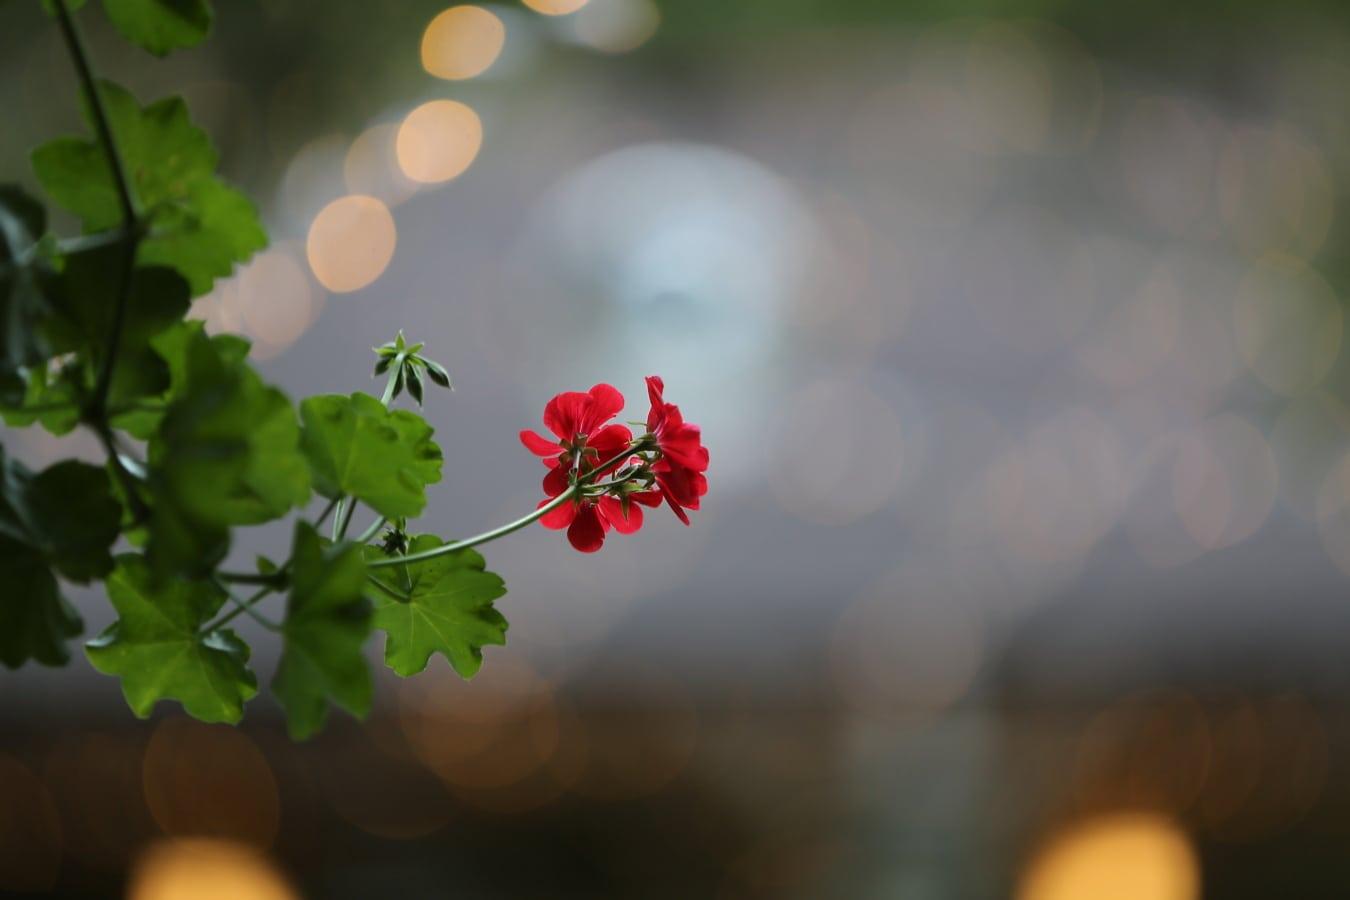 géranium, rétro-éclairé, floue, brindille, plante, brouiller, feuille, nature, couleur, flore